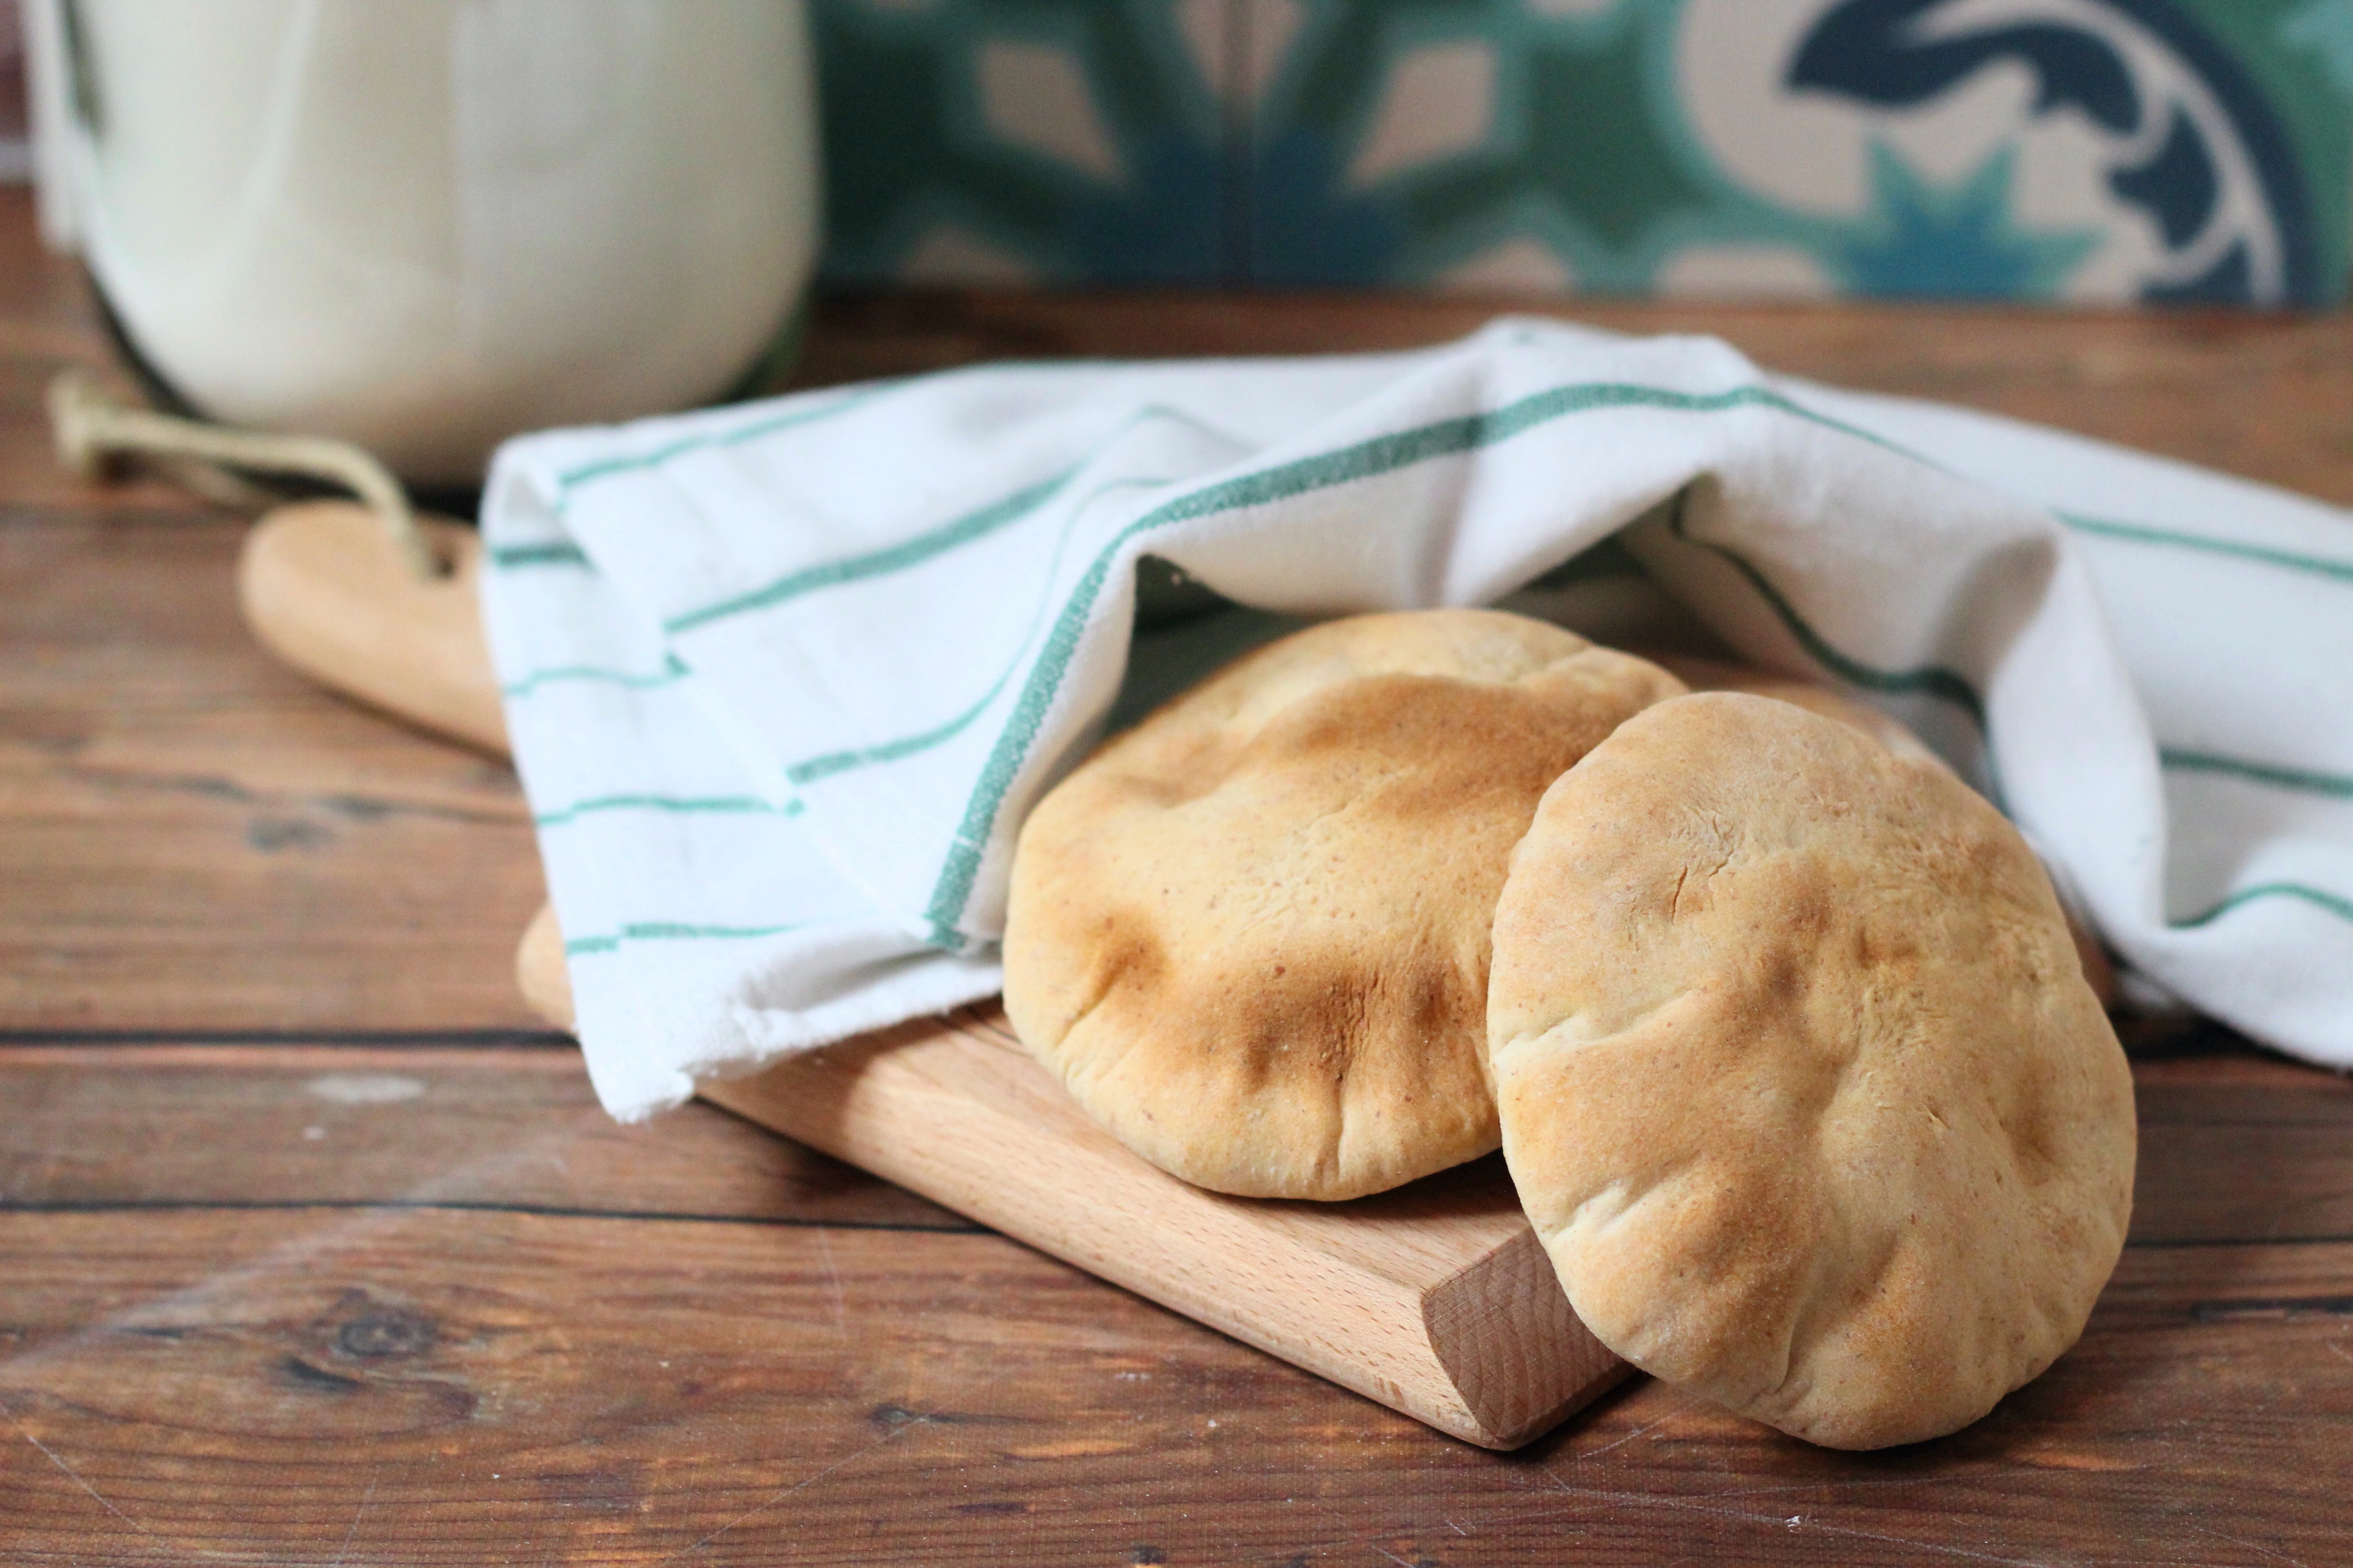 Pita - A görög lapos kenyér házilag készítve a legfinomabb